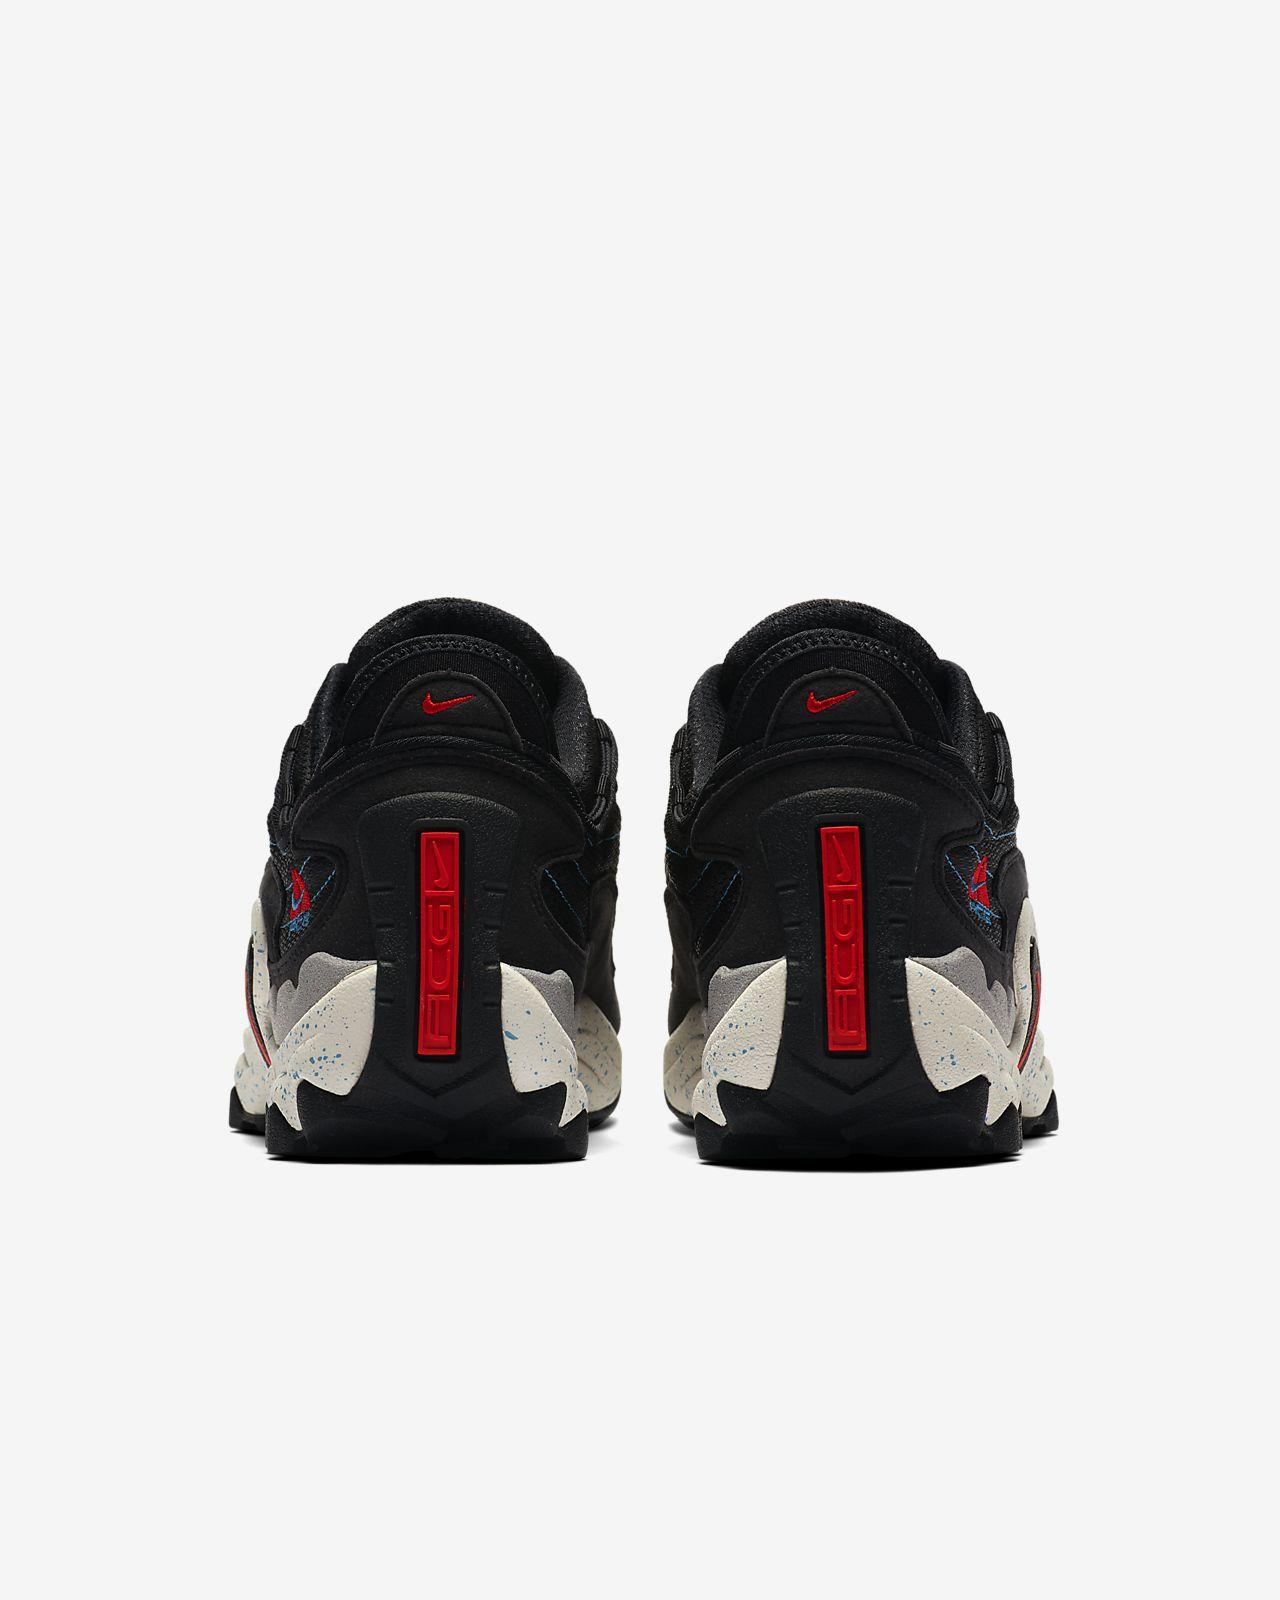 Sko Nike Air Skarn för män